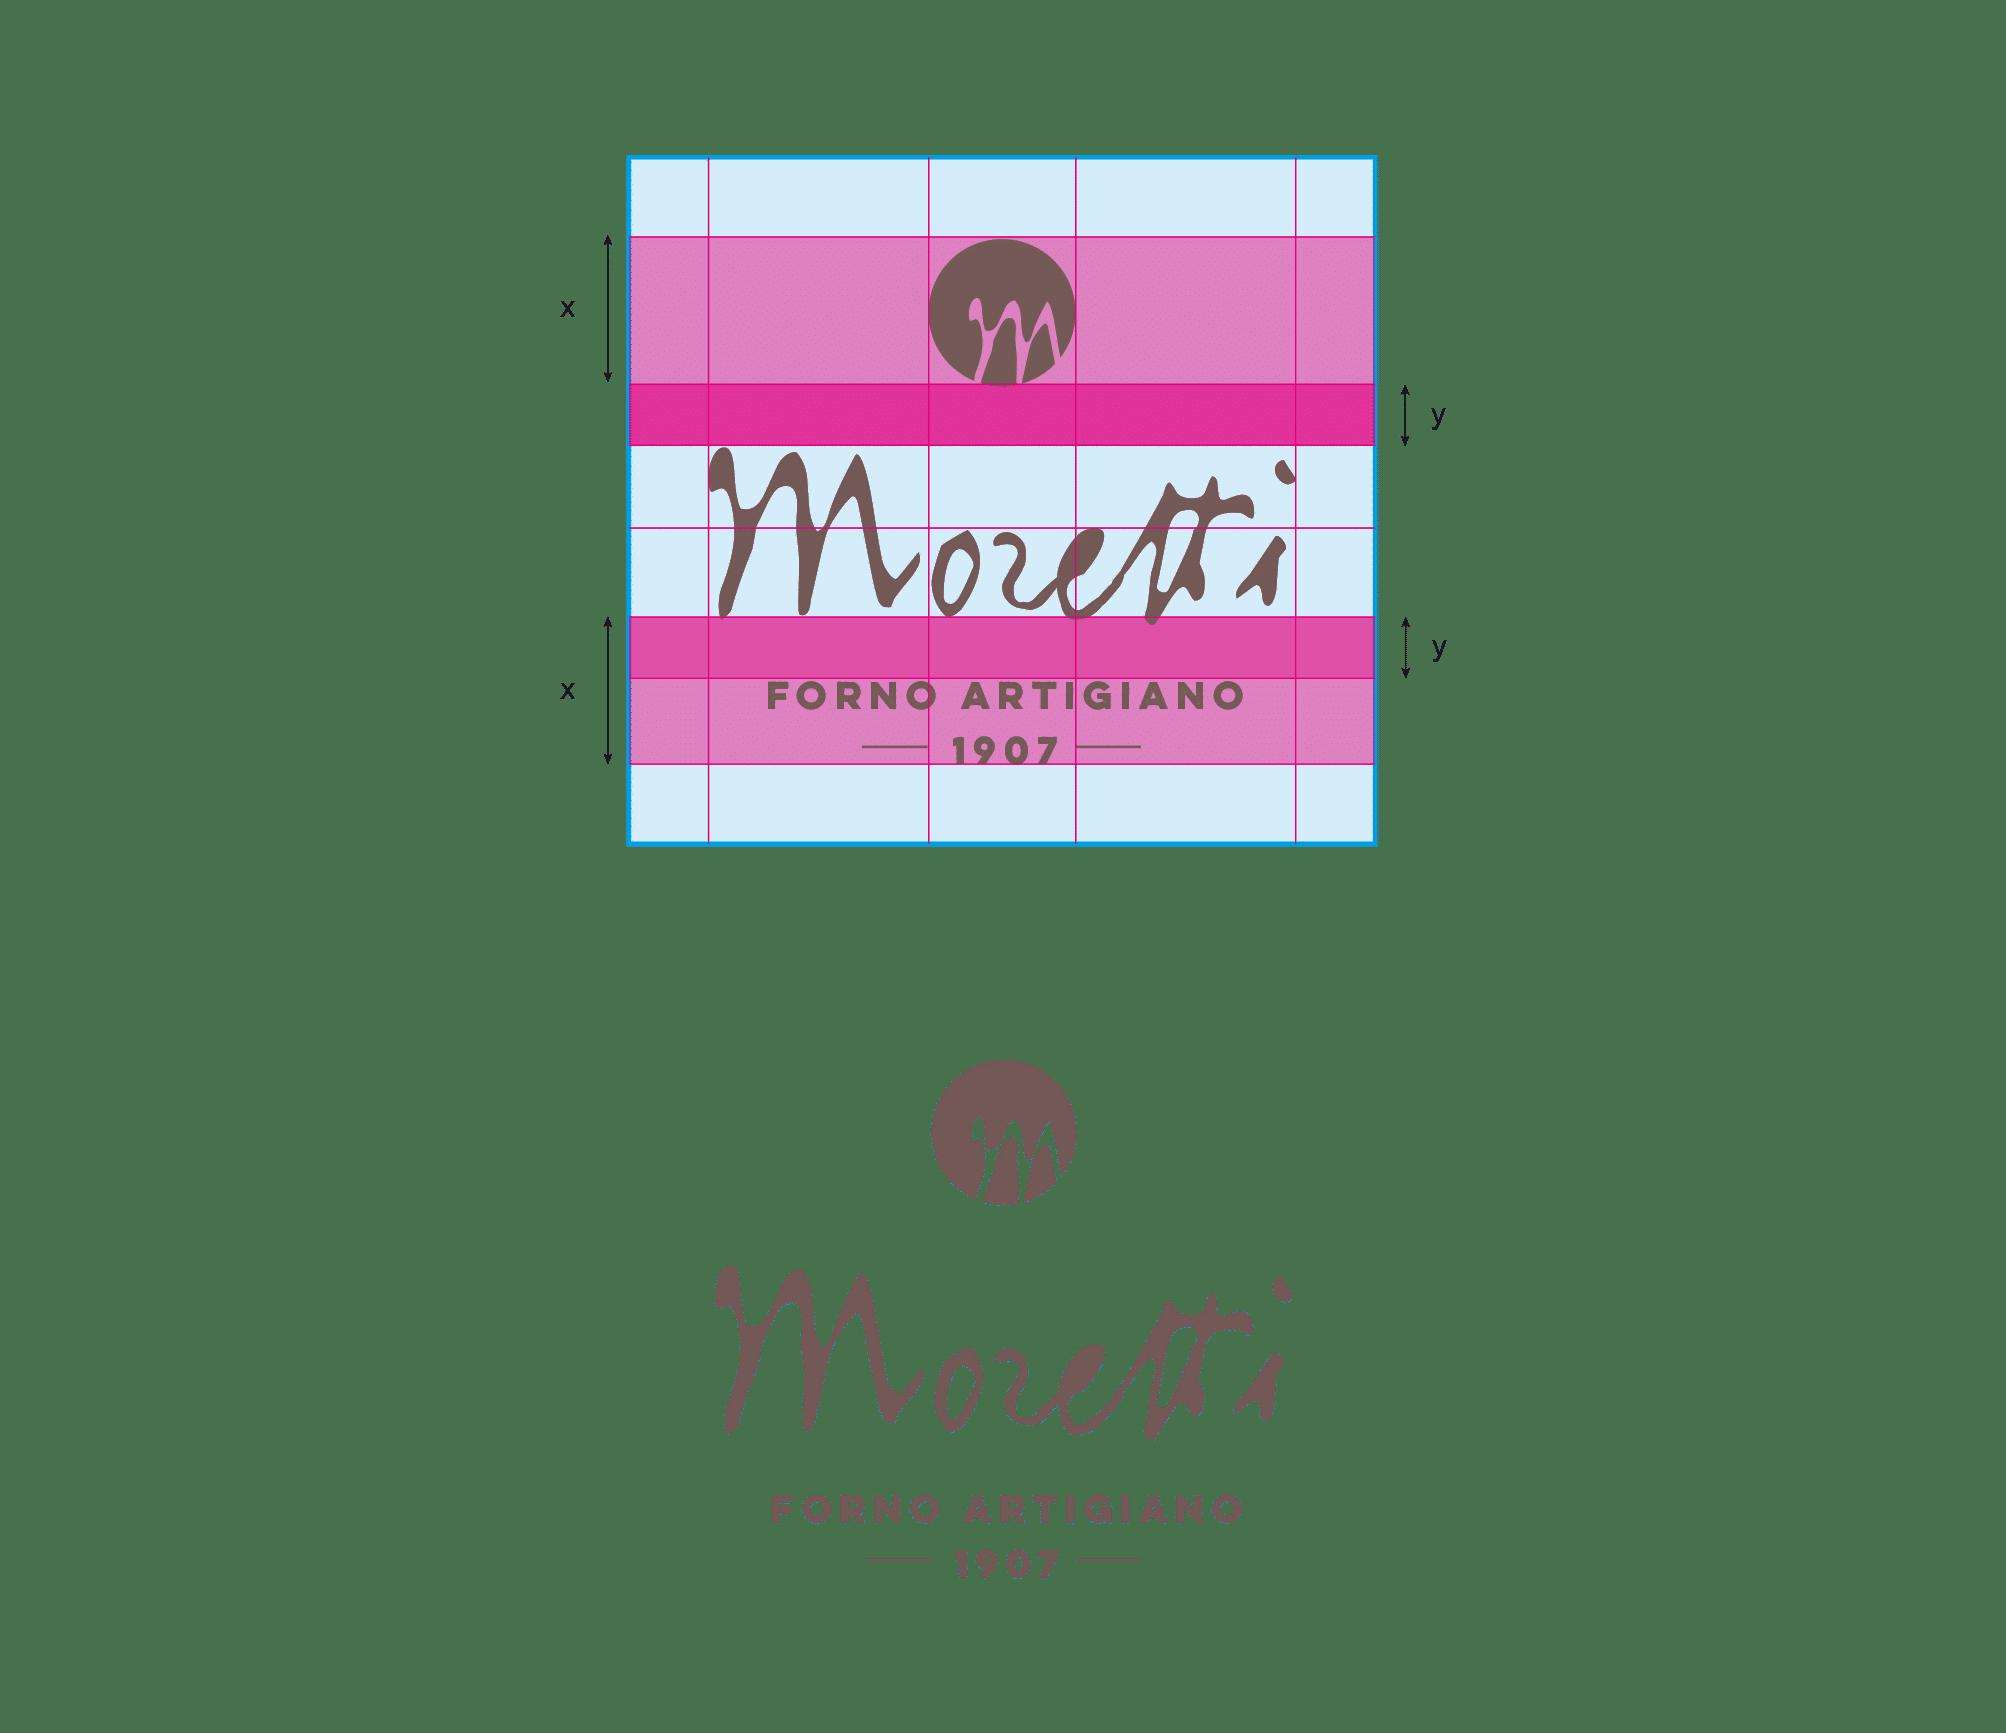 logo forno artigiano moretti